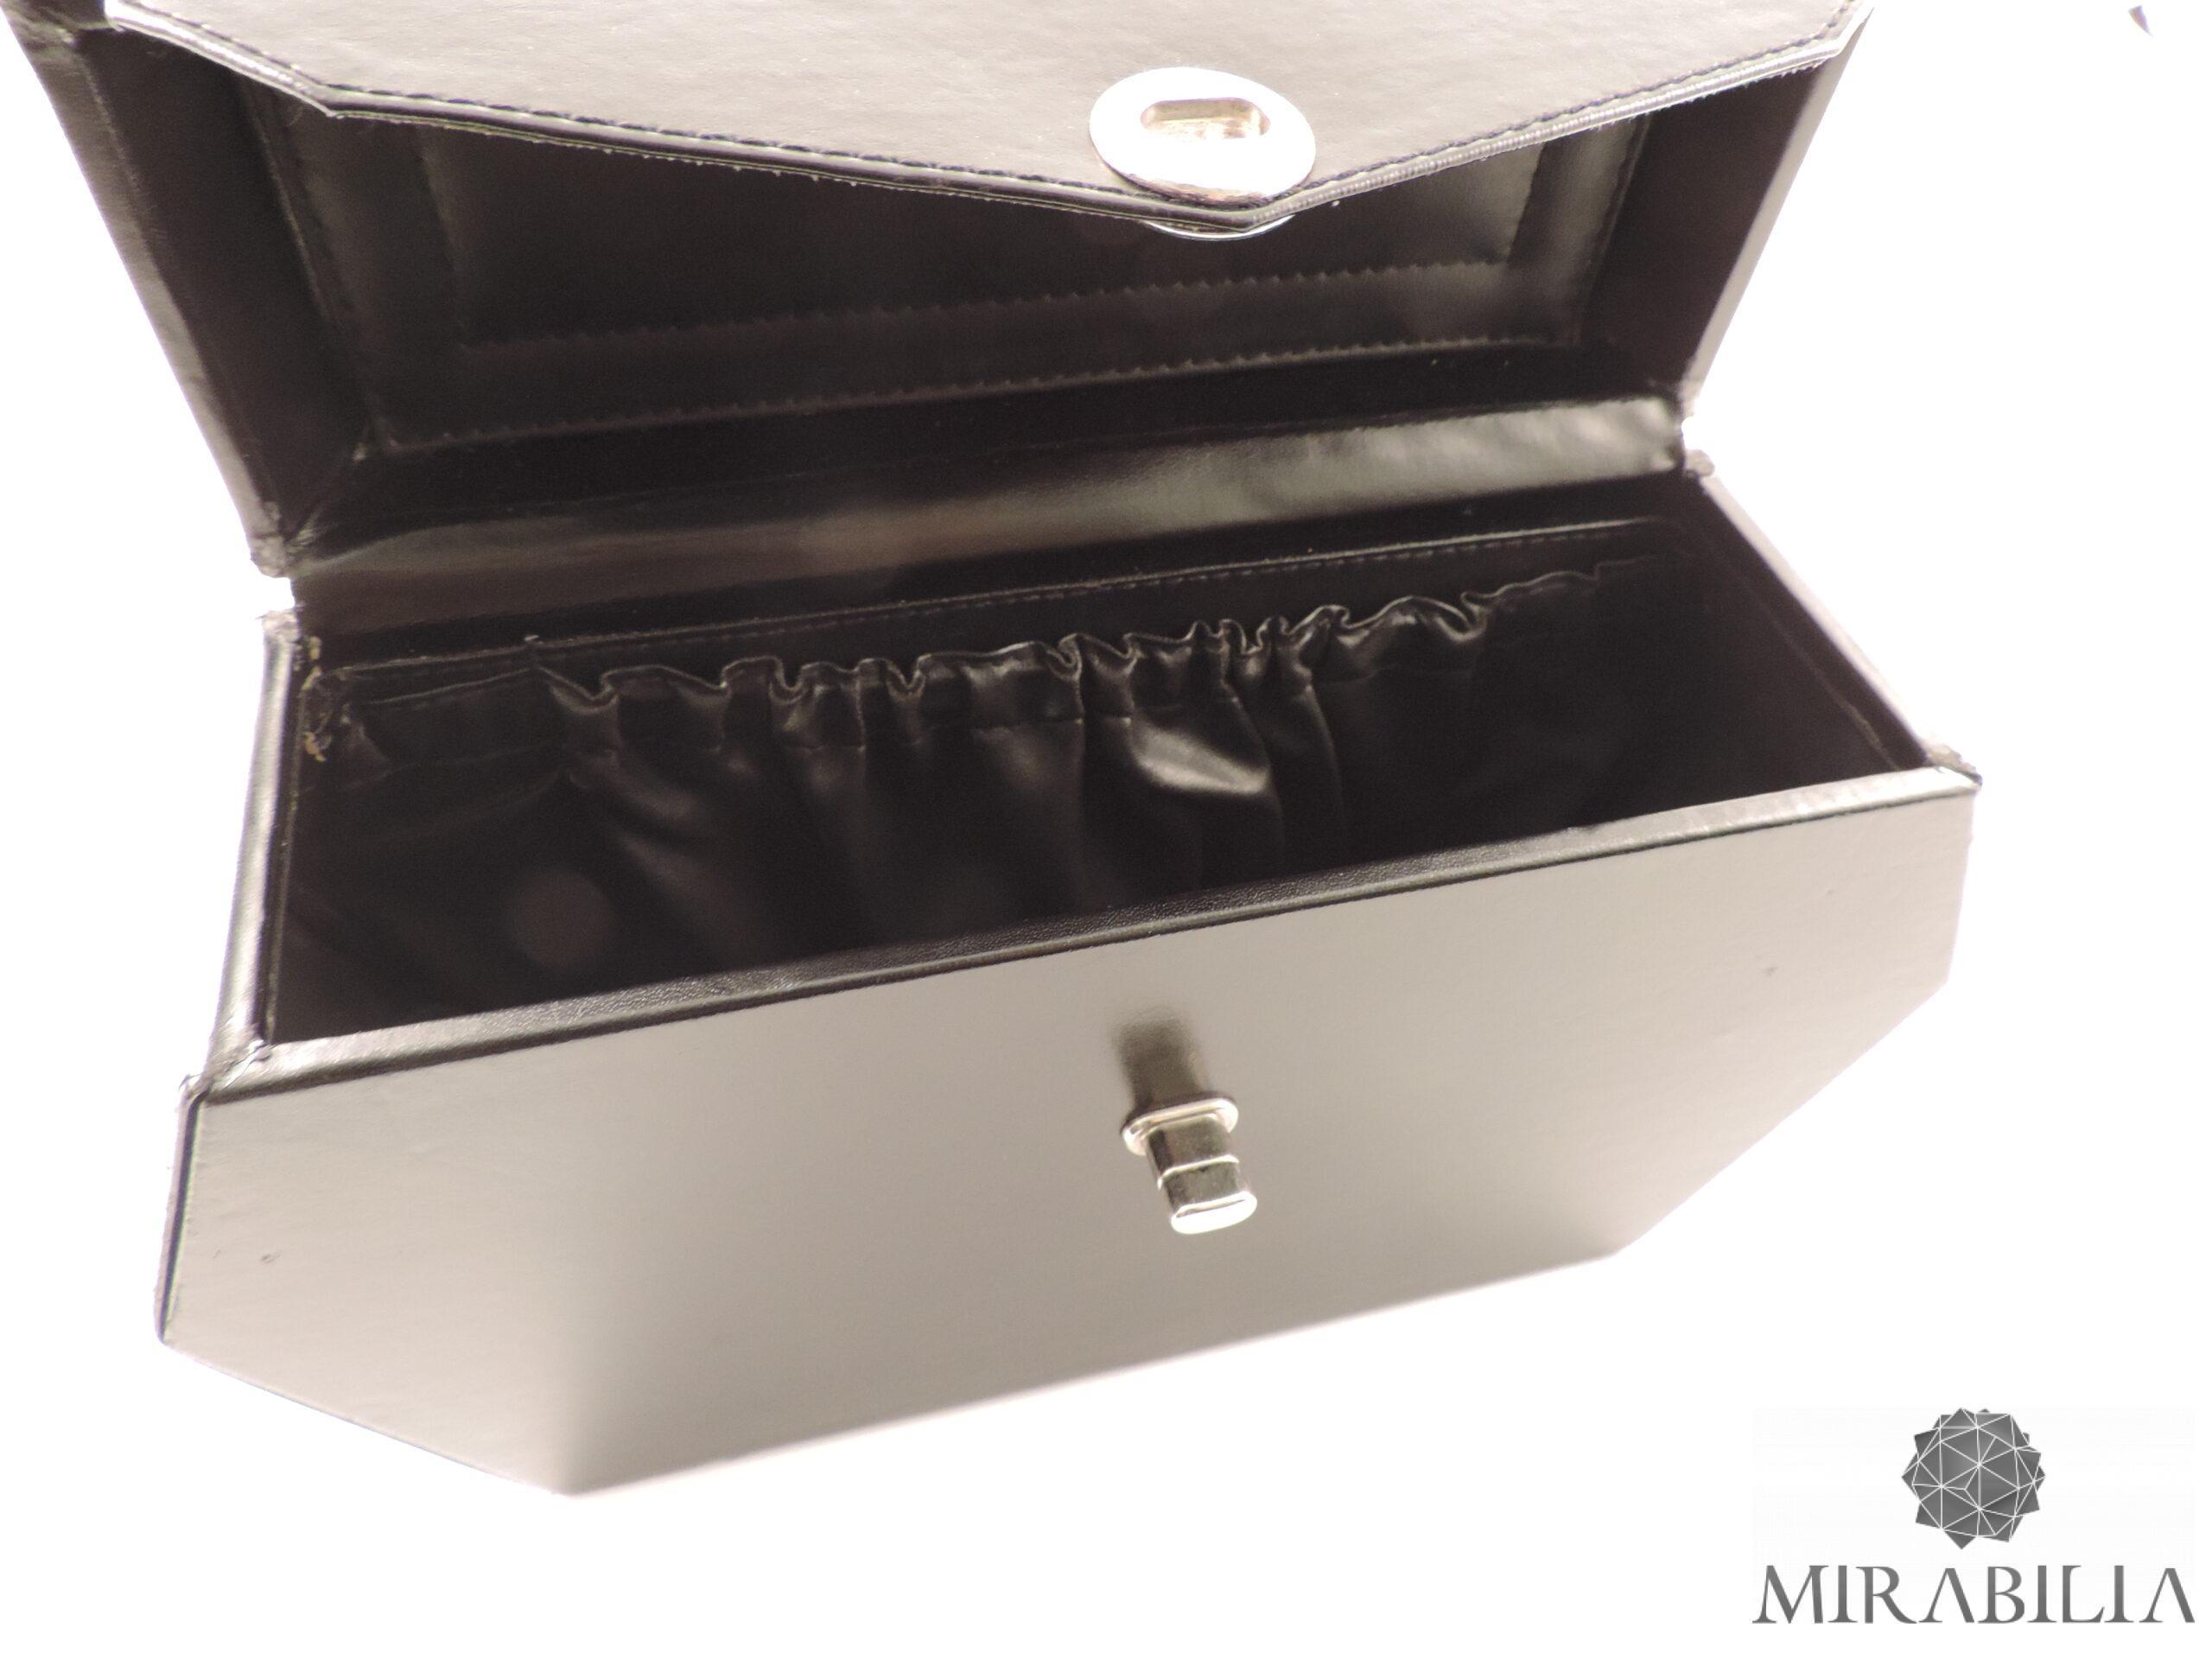 Borsa-bauletto rigido rivestito di pelle di vitello naturale nero (dettaglio interno)